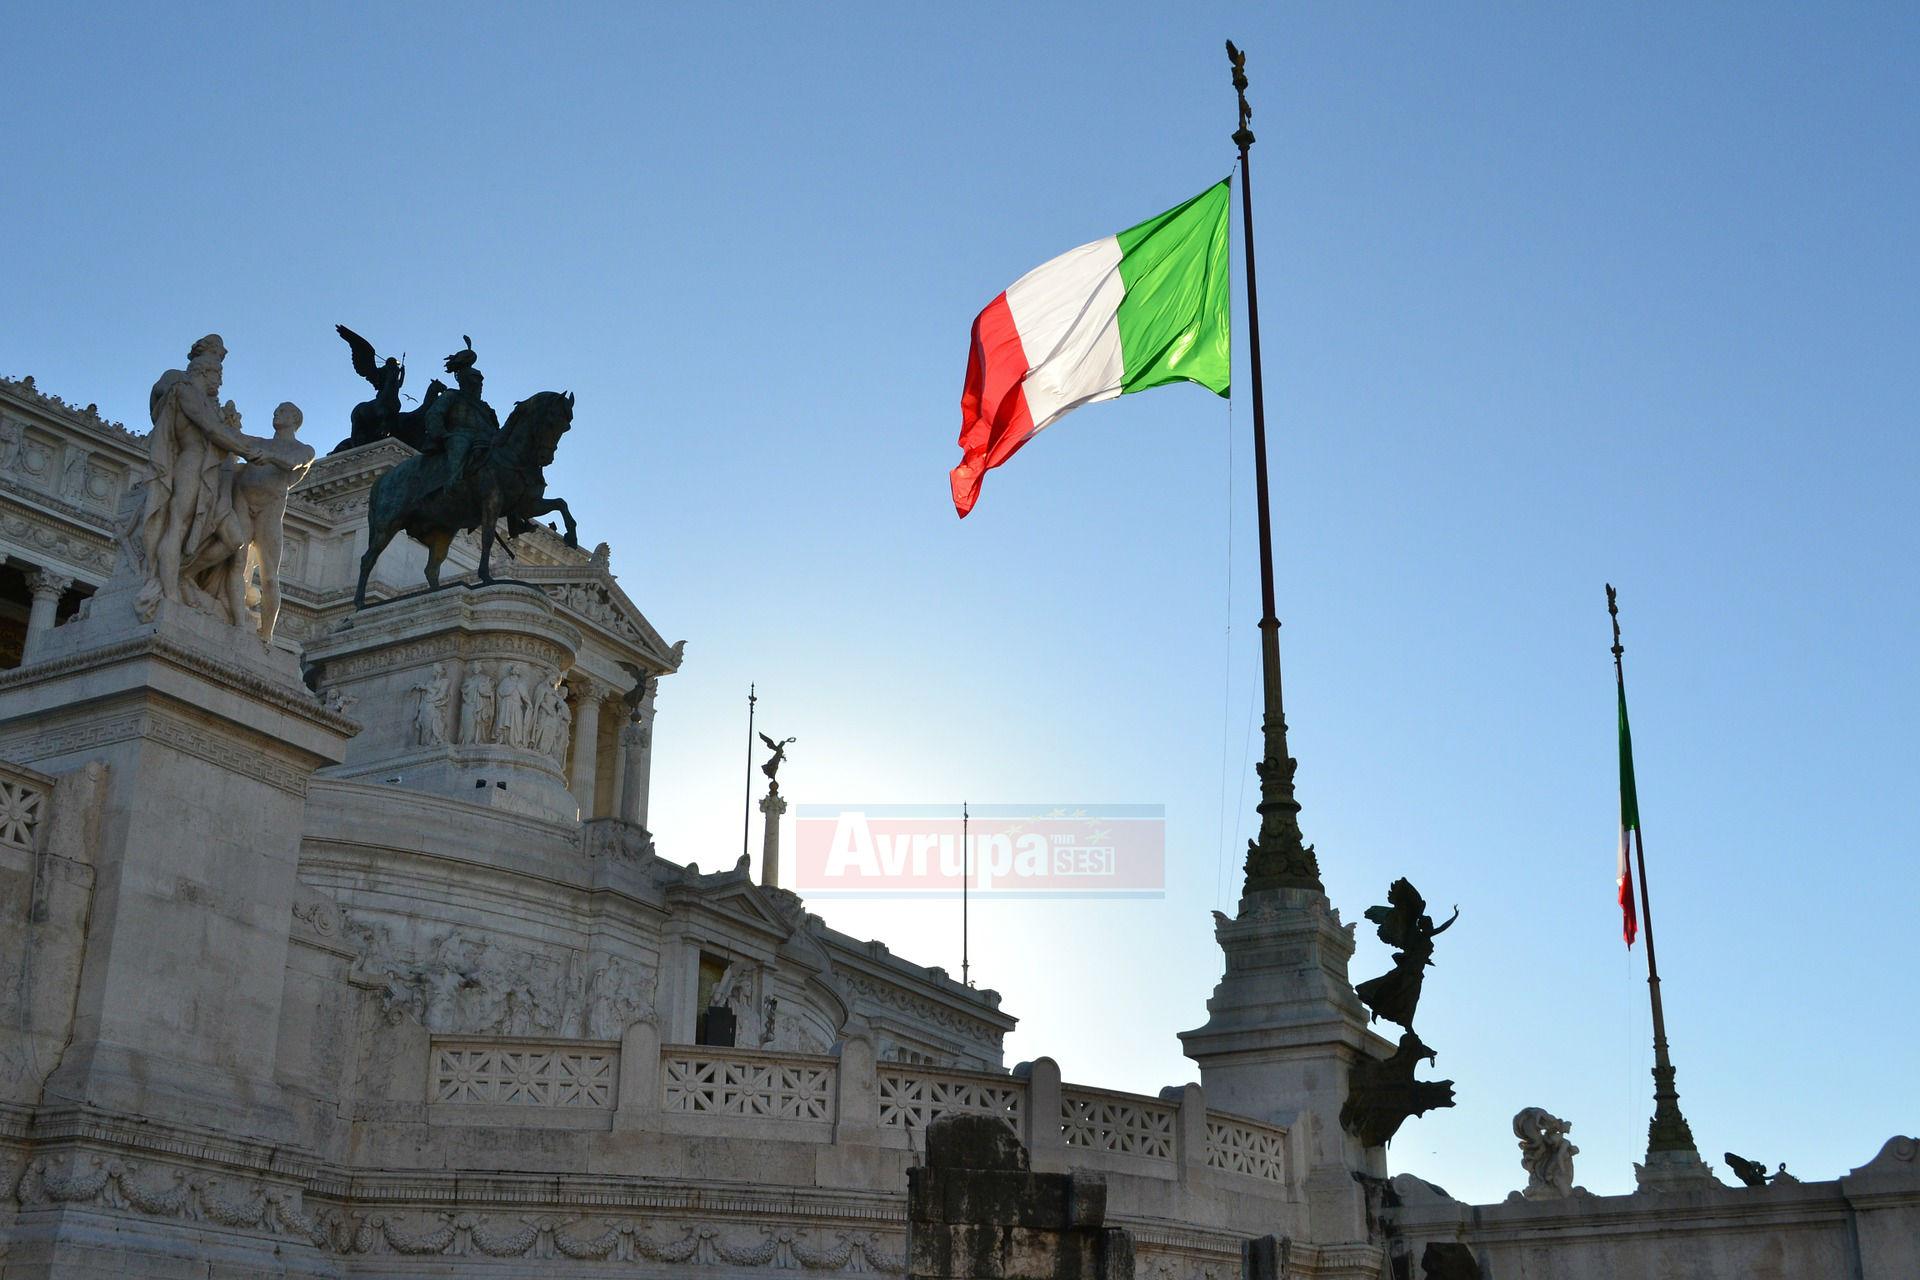 İtalyan 10 yıllık devlet tahvilleri faizi 3,5 ayın düşüğünde